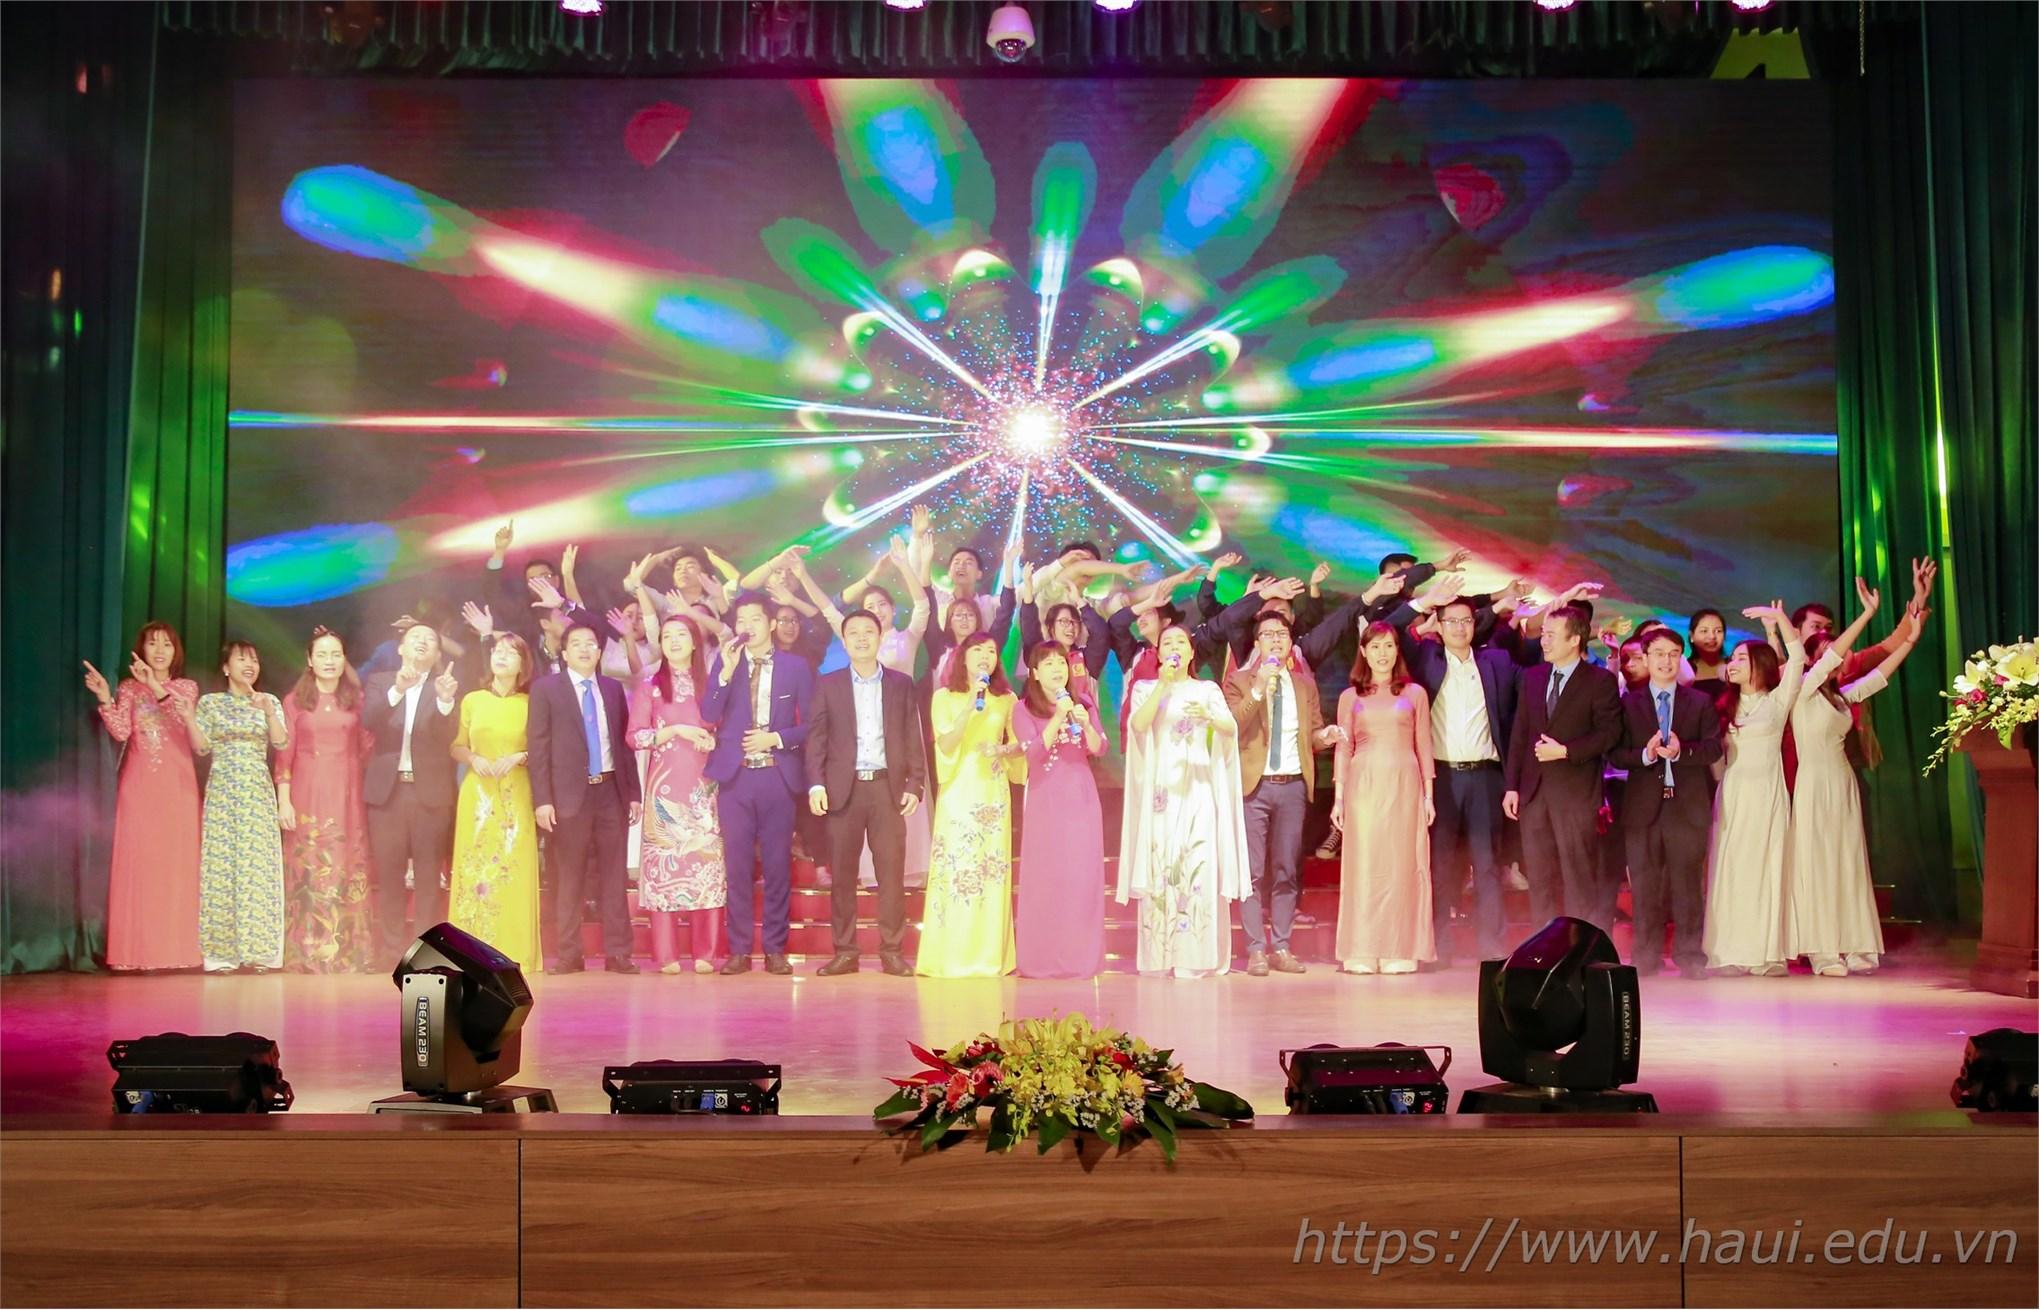 Kỷ niệm 10 năm thành lập khoa Quản lý Kinh doanh và khoa Kế toán - Kiểm toán, trường Đại học Công nghiệp Hà Nội